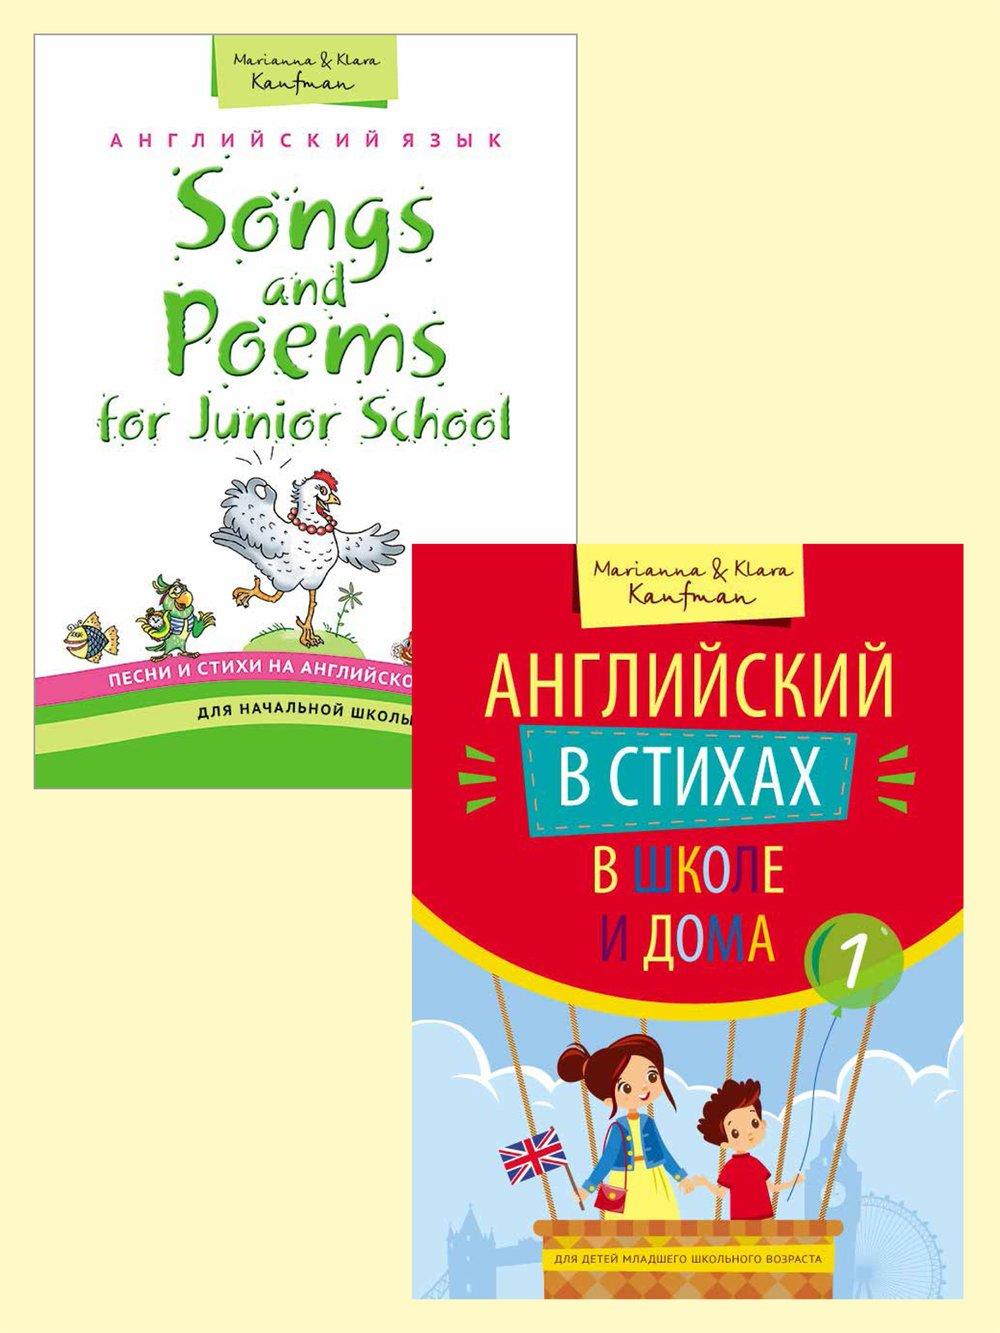 Комплект. Английский через стихи и песни для начальной школы. Английский язык (2 книги)